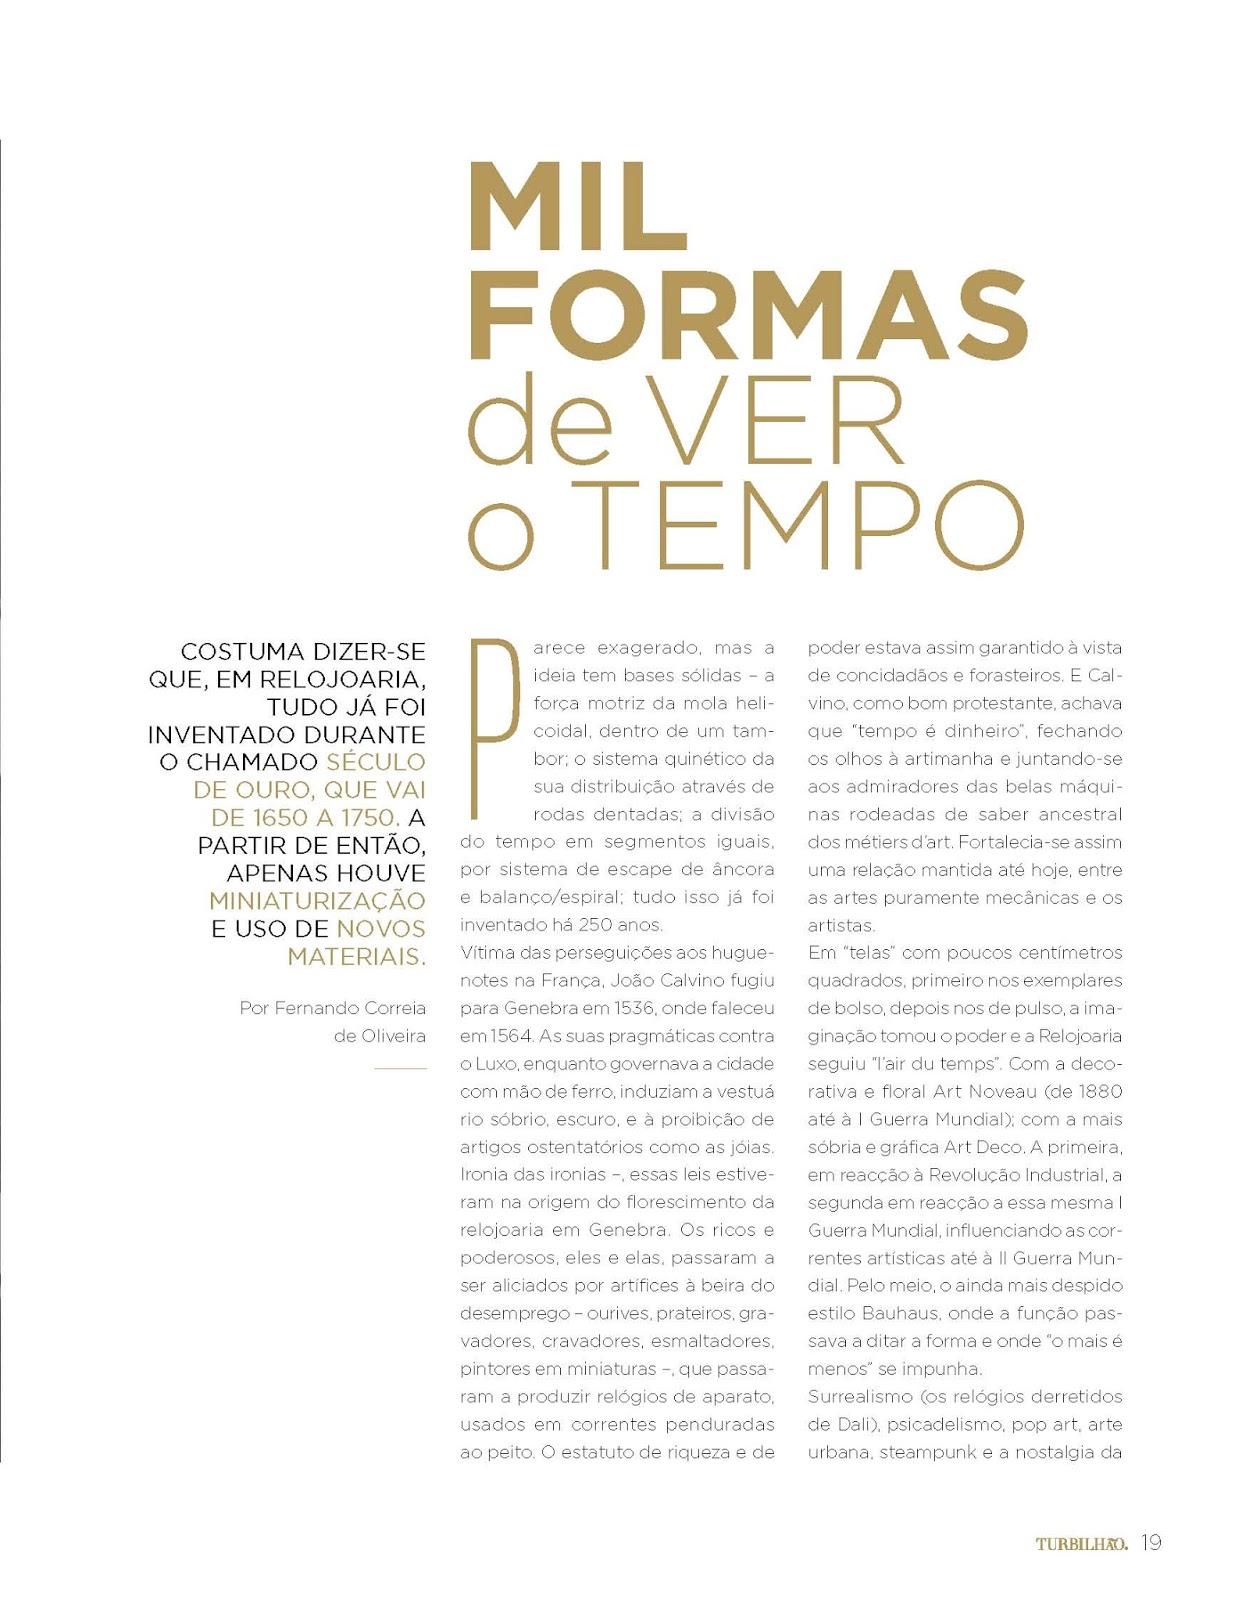 8fc2e88a34b Estação Cronográfica  Mil formas de ver o Tempo - revista Turbilhão ...